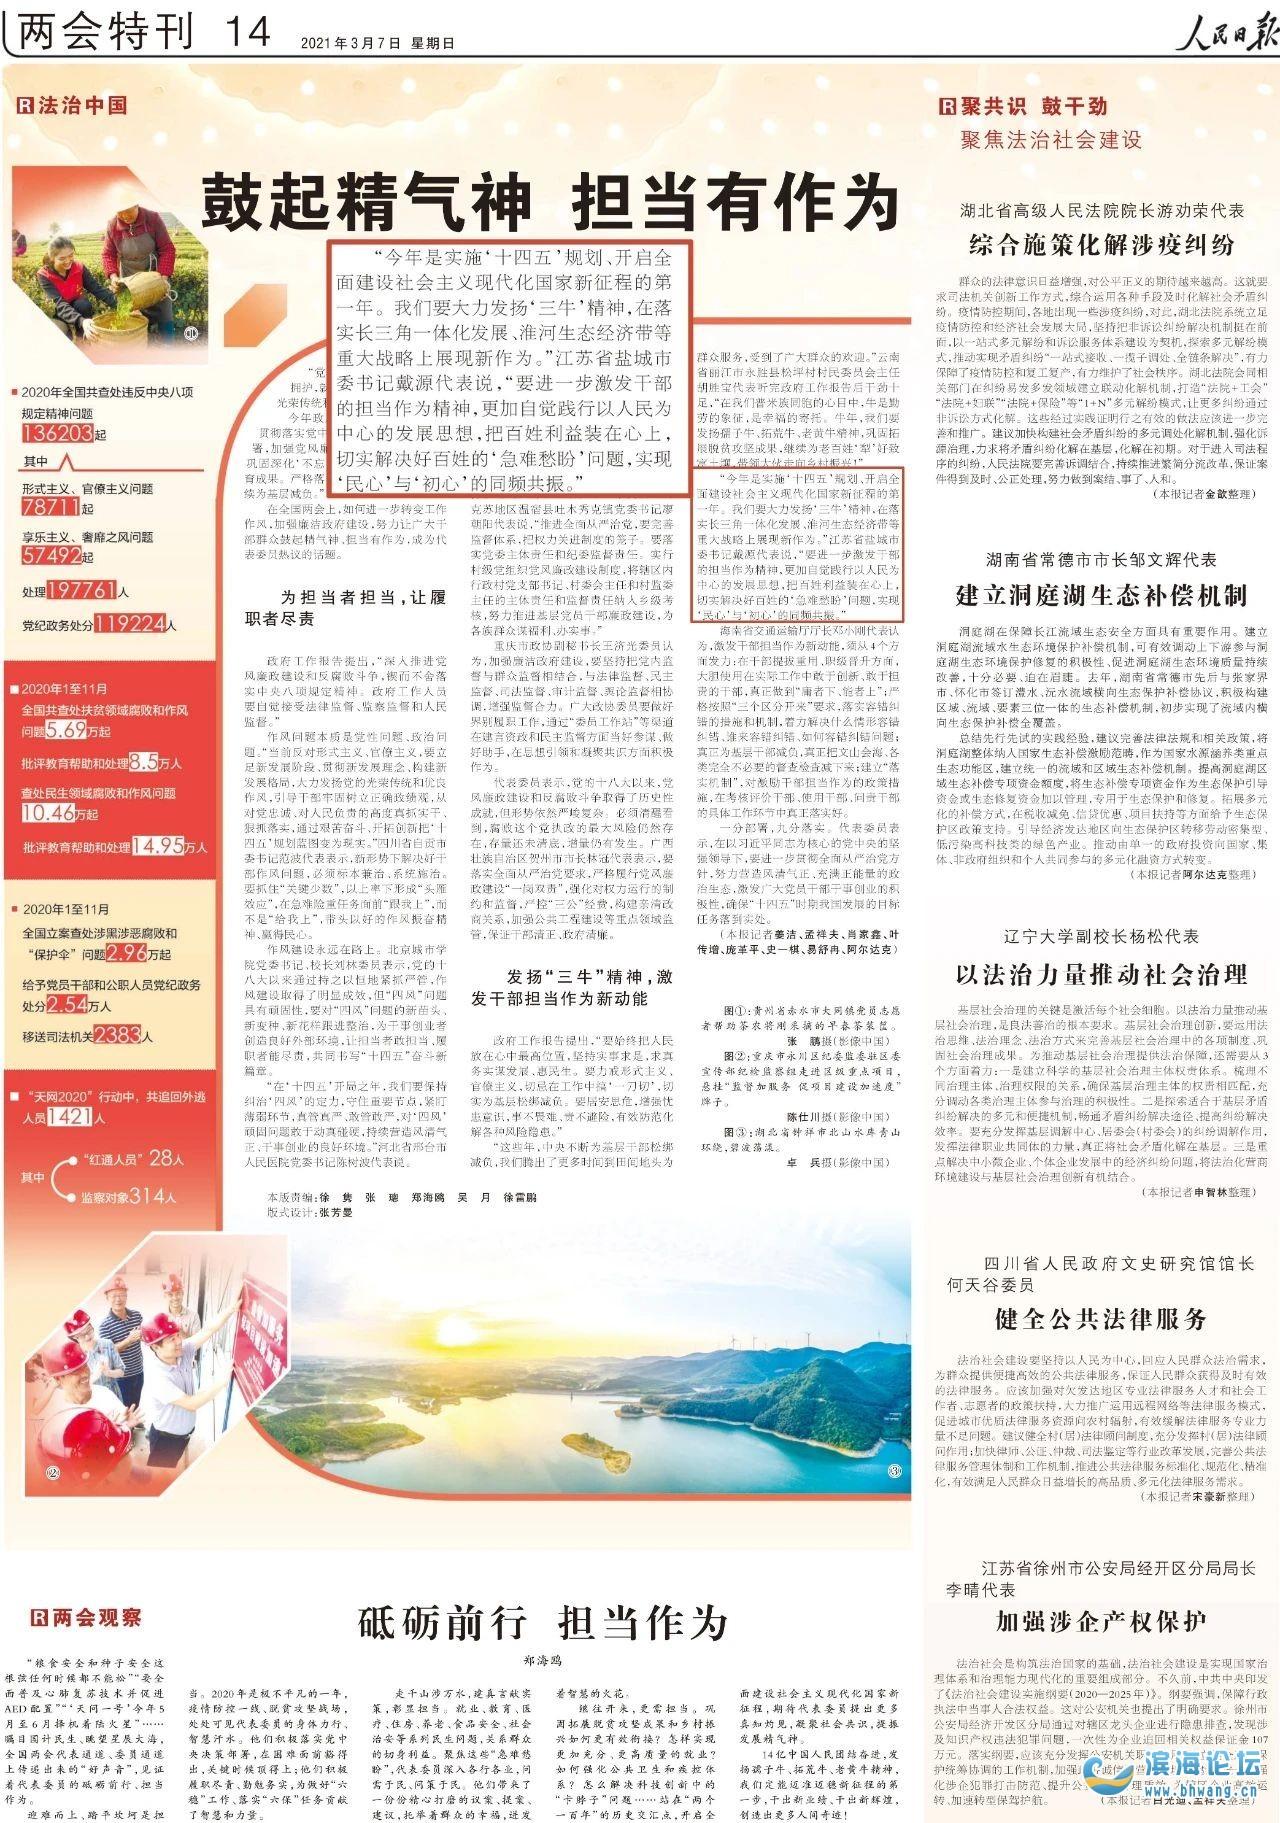 戴源代表接受人民日报、新华日报采访时,这样说……